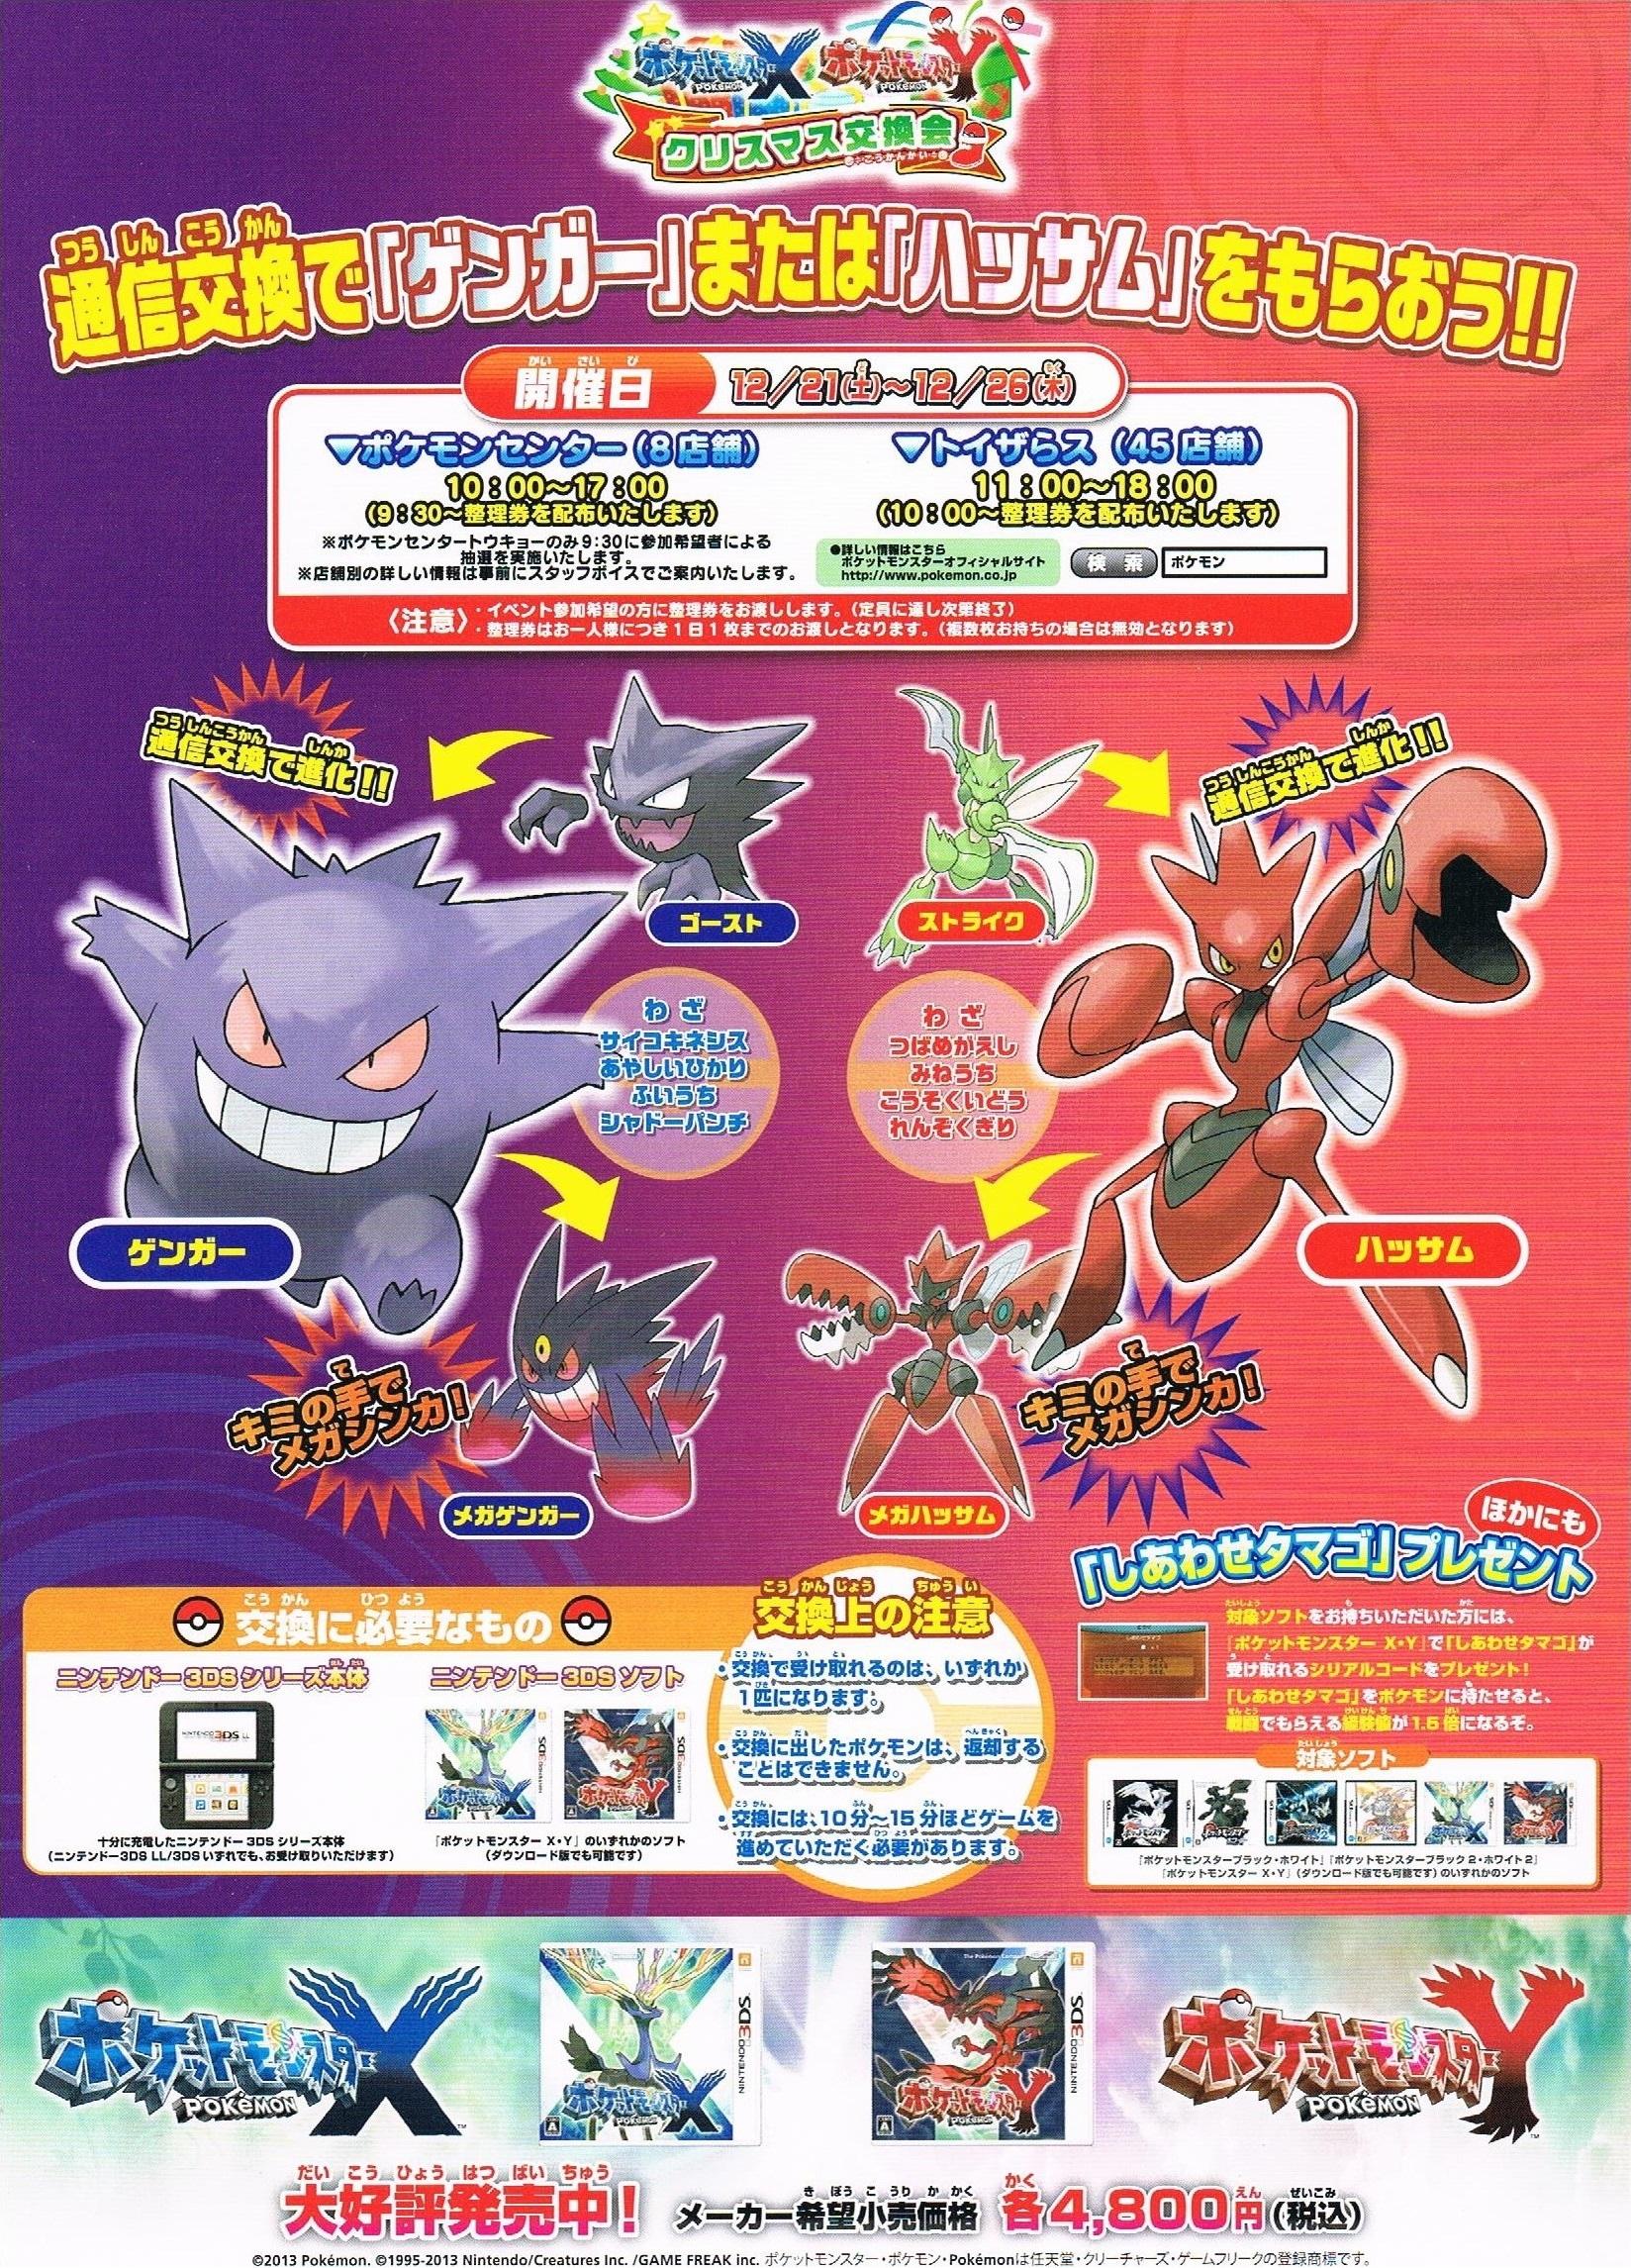 予告】『ポケットモンスター x・y』クリスマス交換会 (2013年12月21日(土